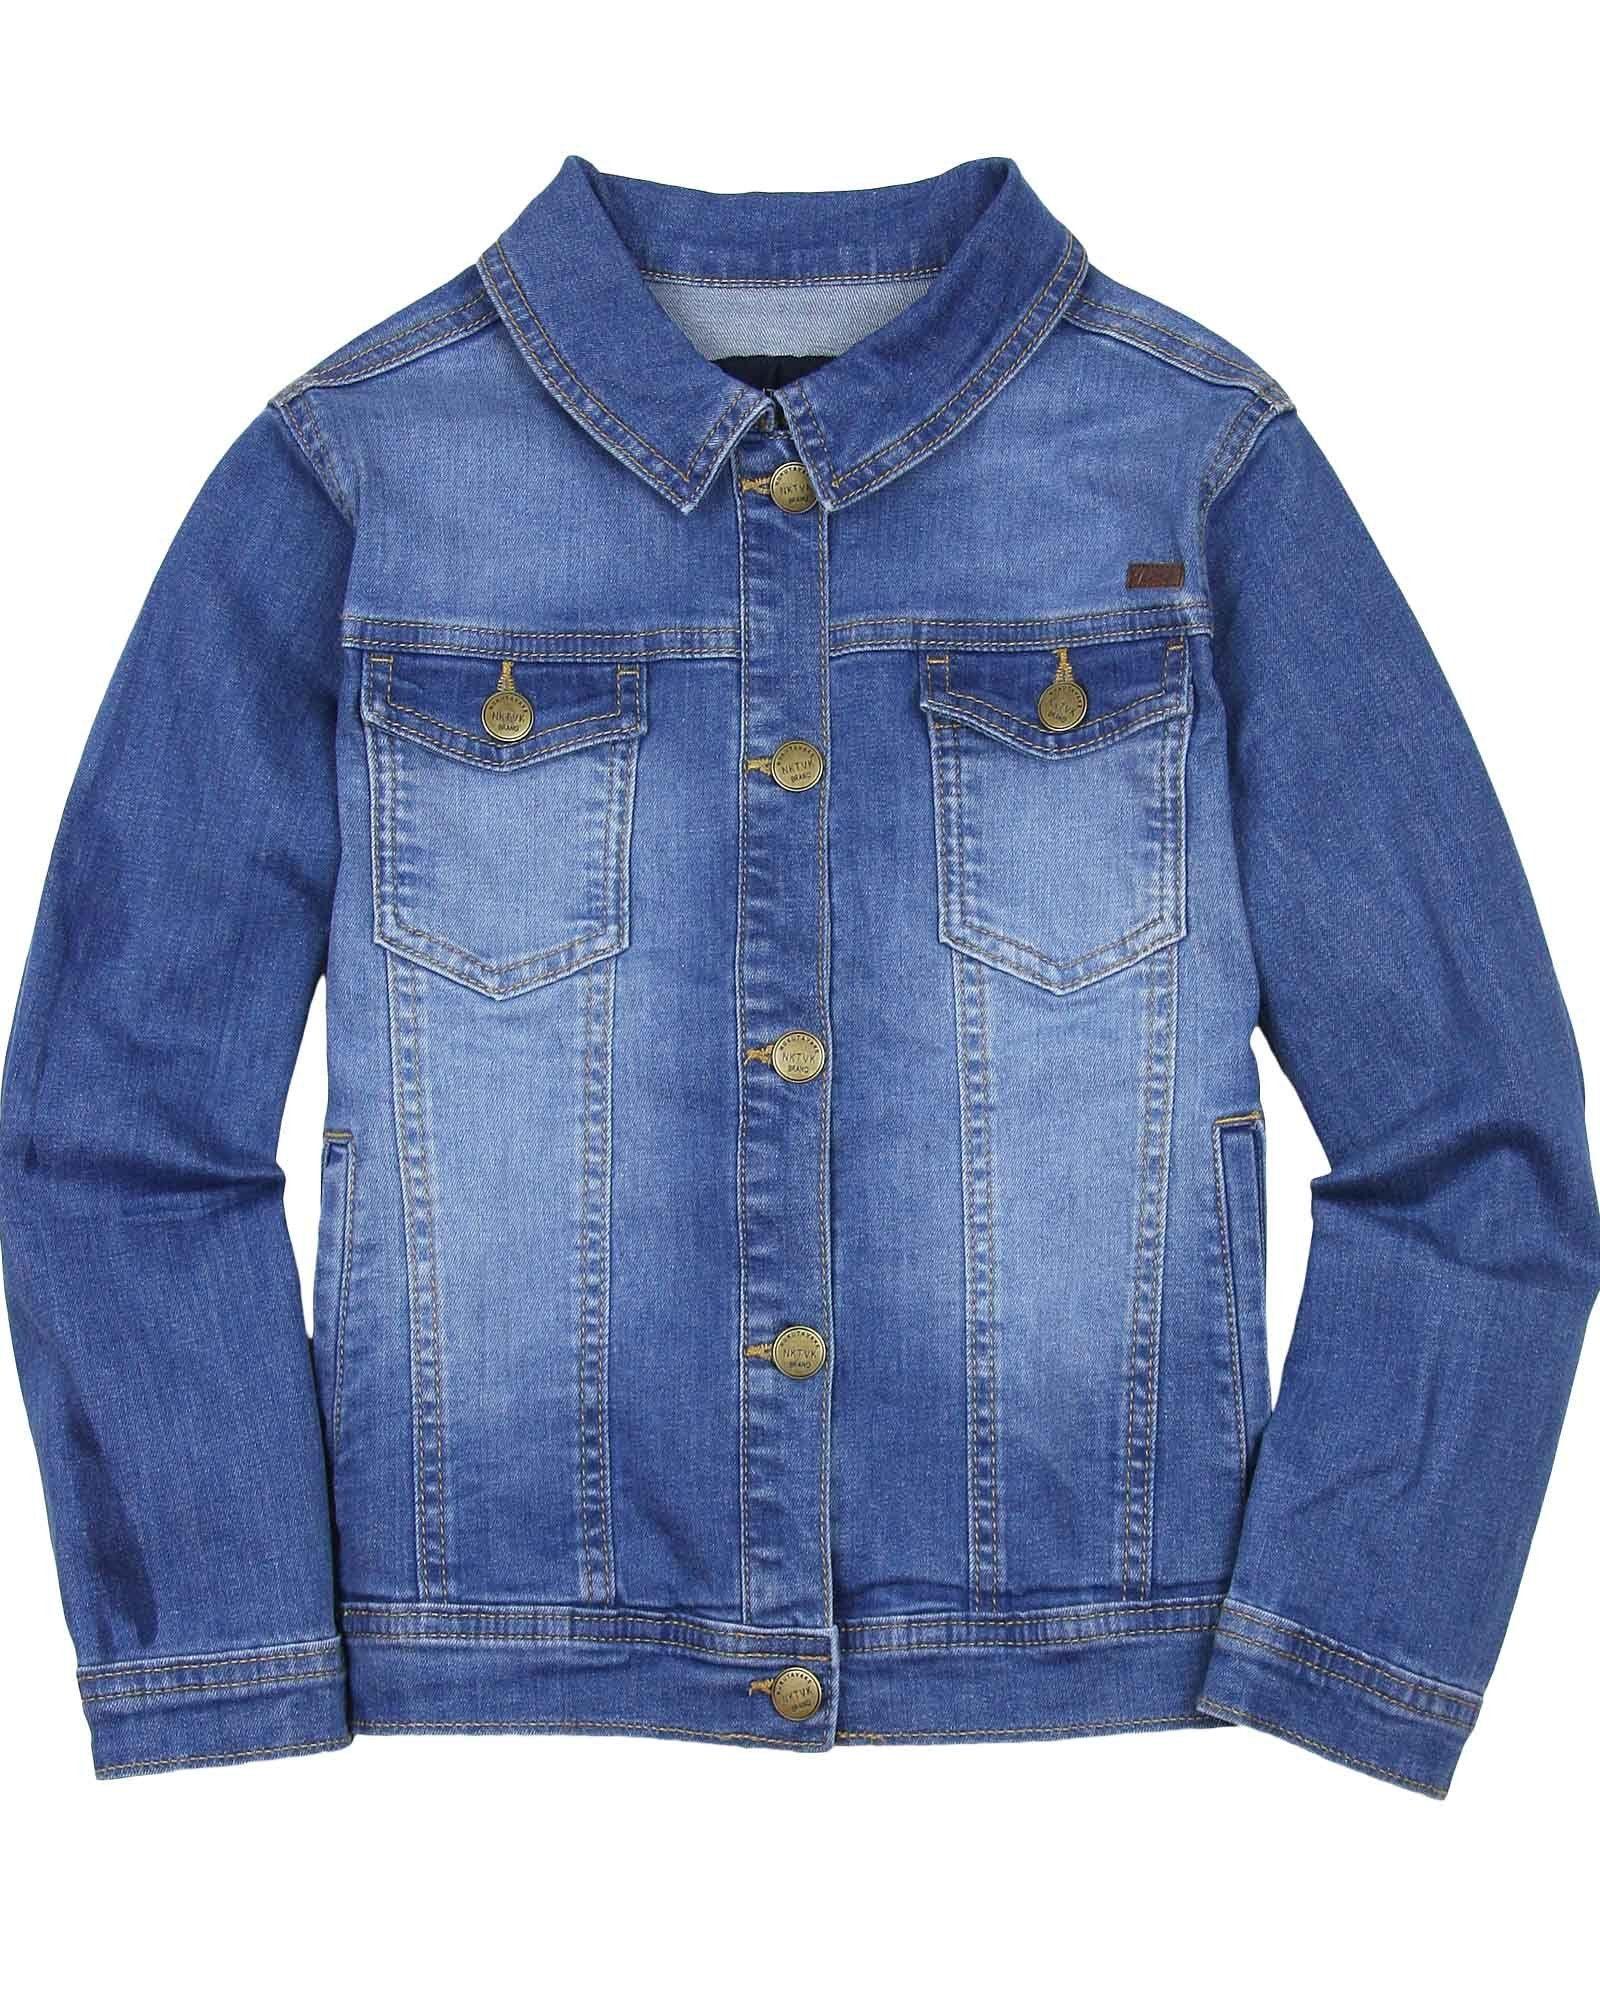 685dca82a33d Mayoral Junior Boy s Basic Denim Jacket